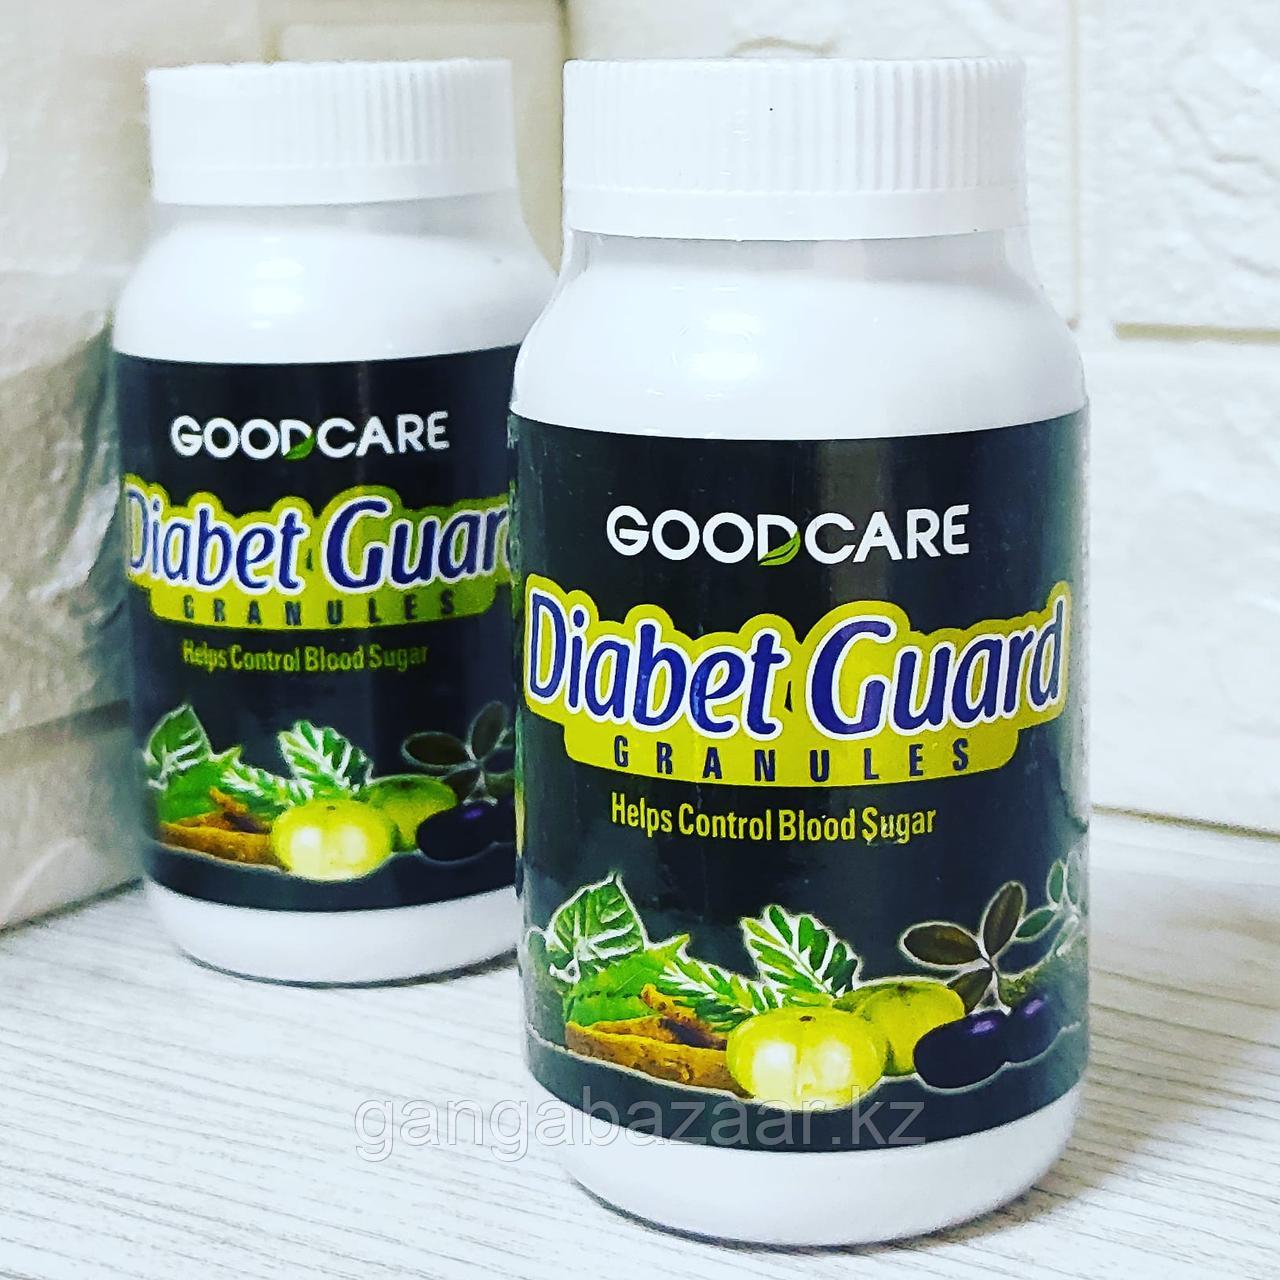 Диабет Гард Diabet Guard GOODCARE - контроль сахара в крови, при диабете, 100 гр